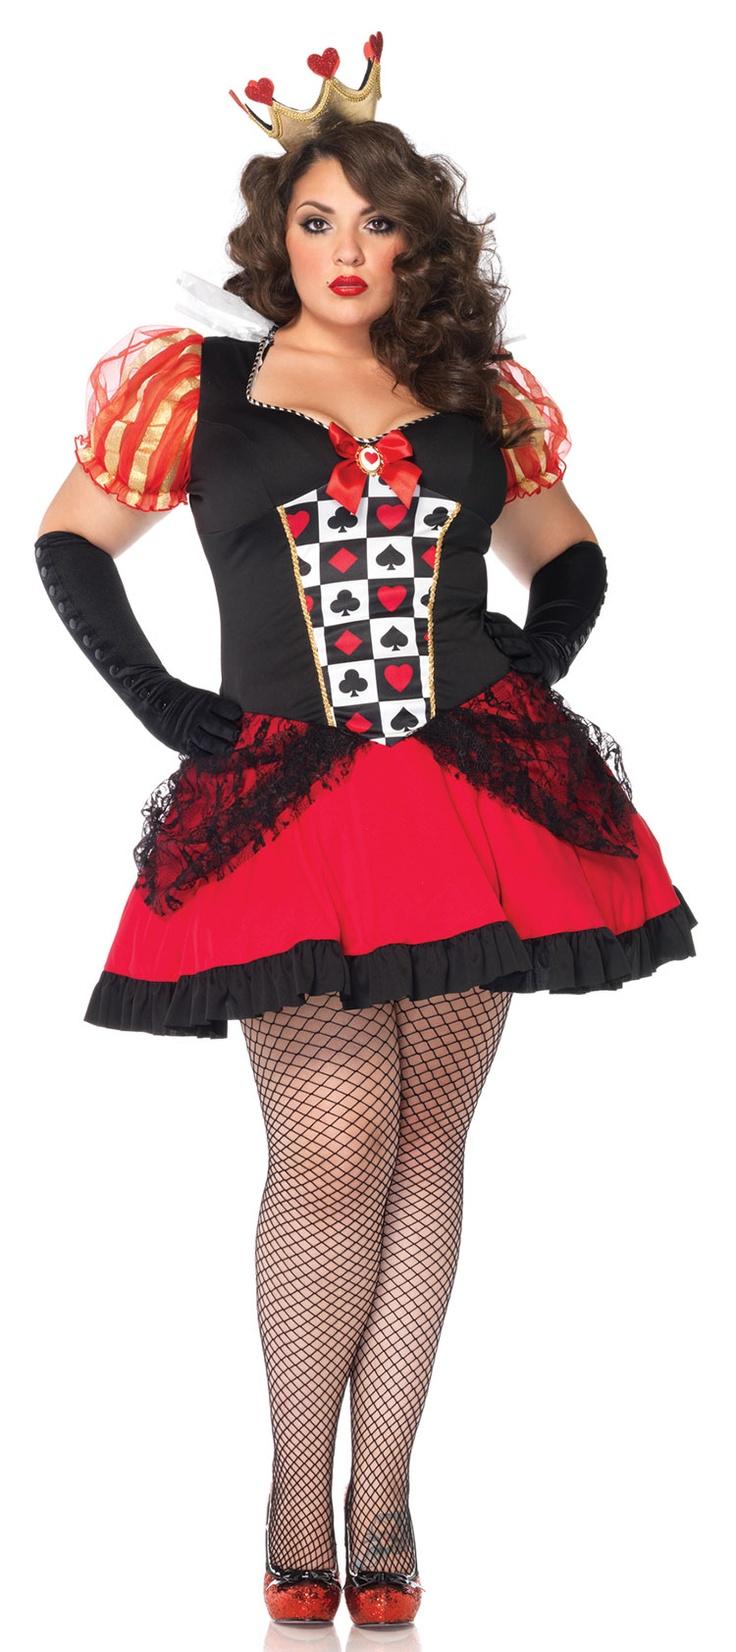 queen of hearts plus size costume2 - Queen of hearts plus size costume